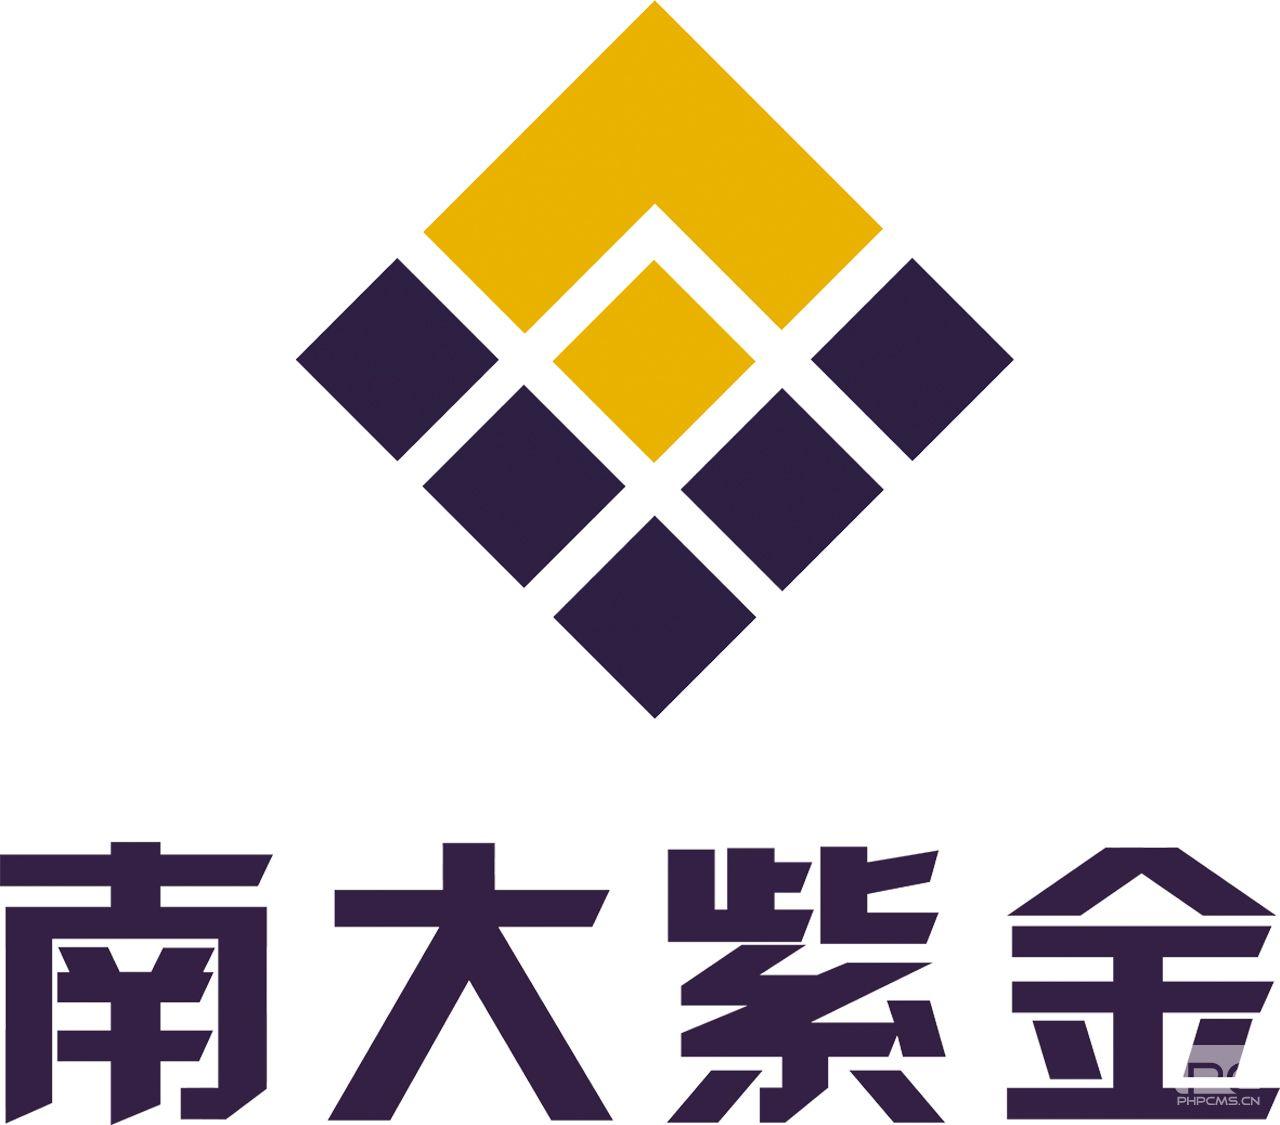 江苏南大紫金锂电智能装备有限公司